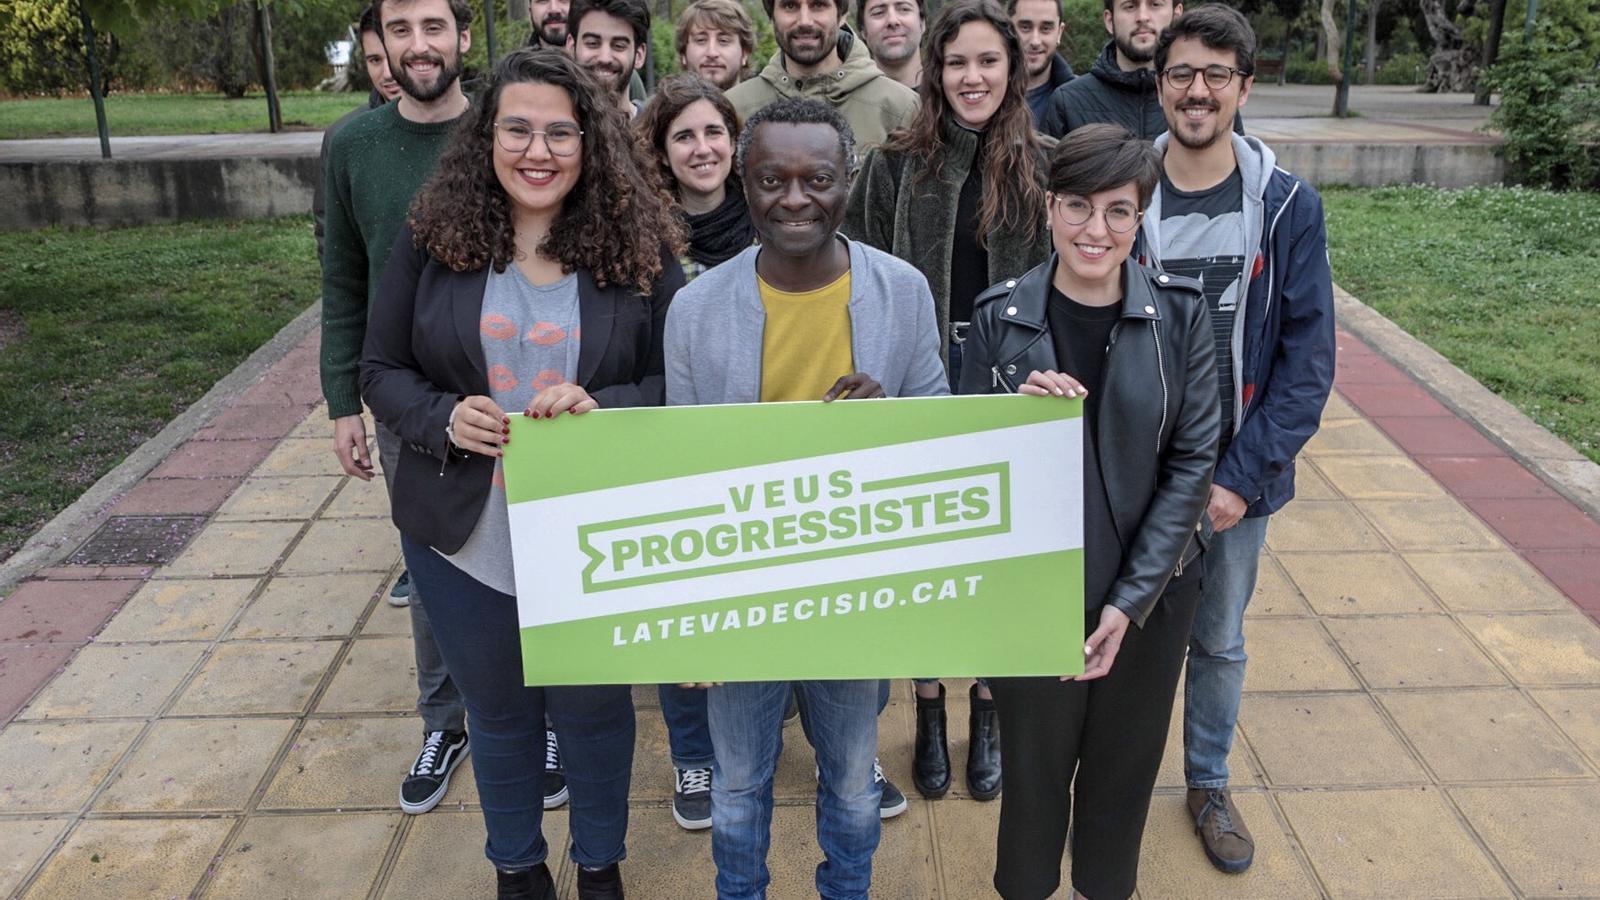 El candidat de Veus Progressistes acompanyats dels joves de la coalició